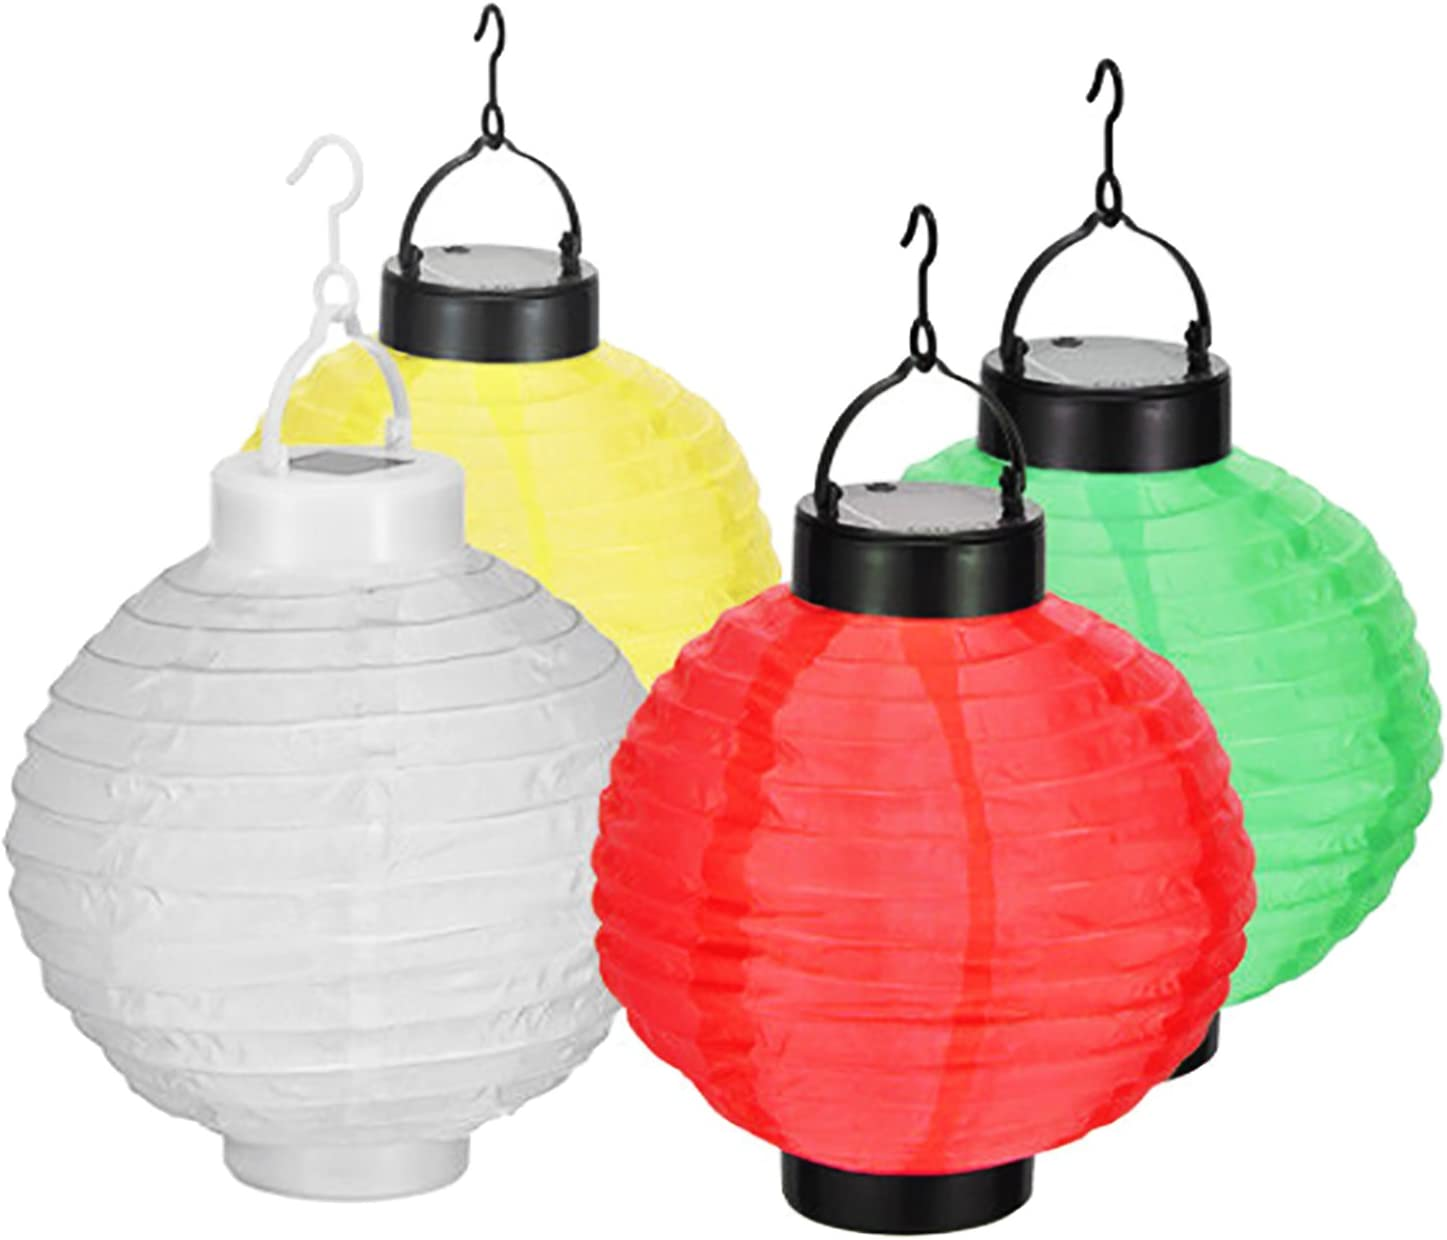 4 piezas. Solar farolillos Set LED Jardín Lámpara China lámpara blanco/verde/amarillo/rojo exterior Leuchten – Lámpara solar exterior lámpara: Amazon.es: Jardín